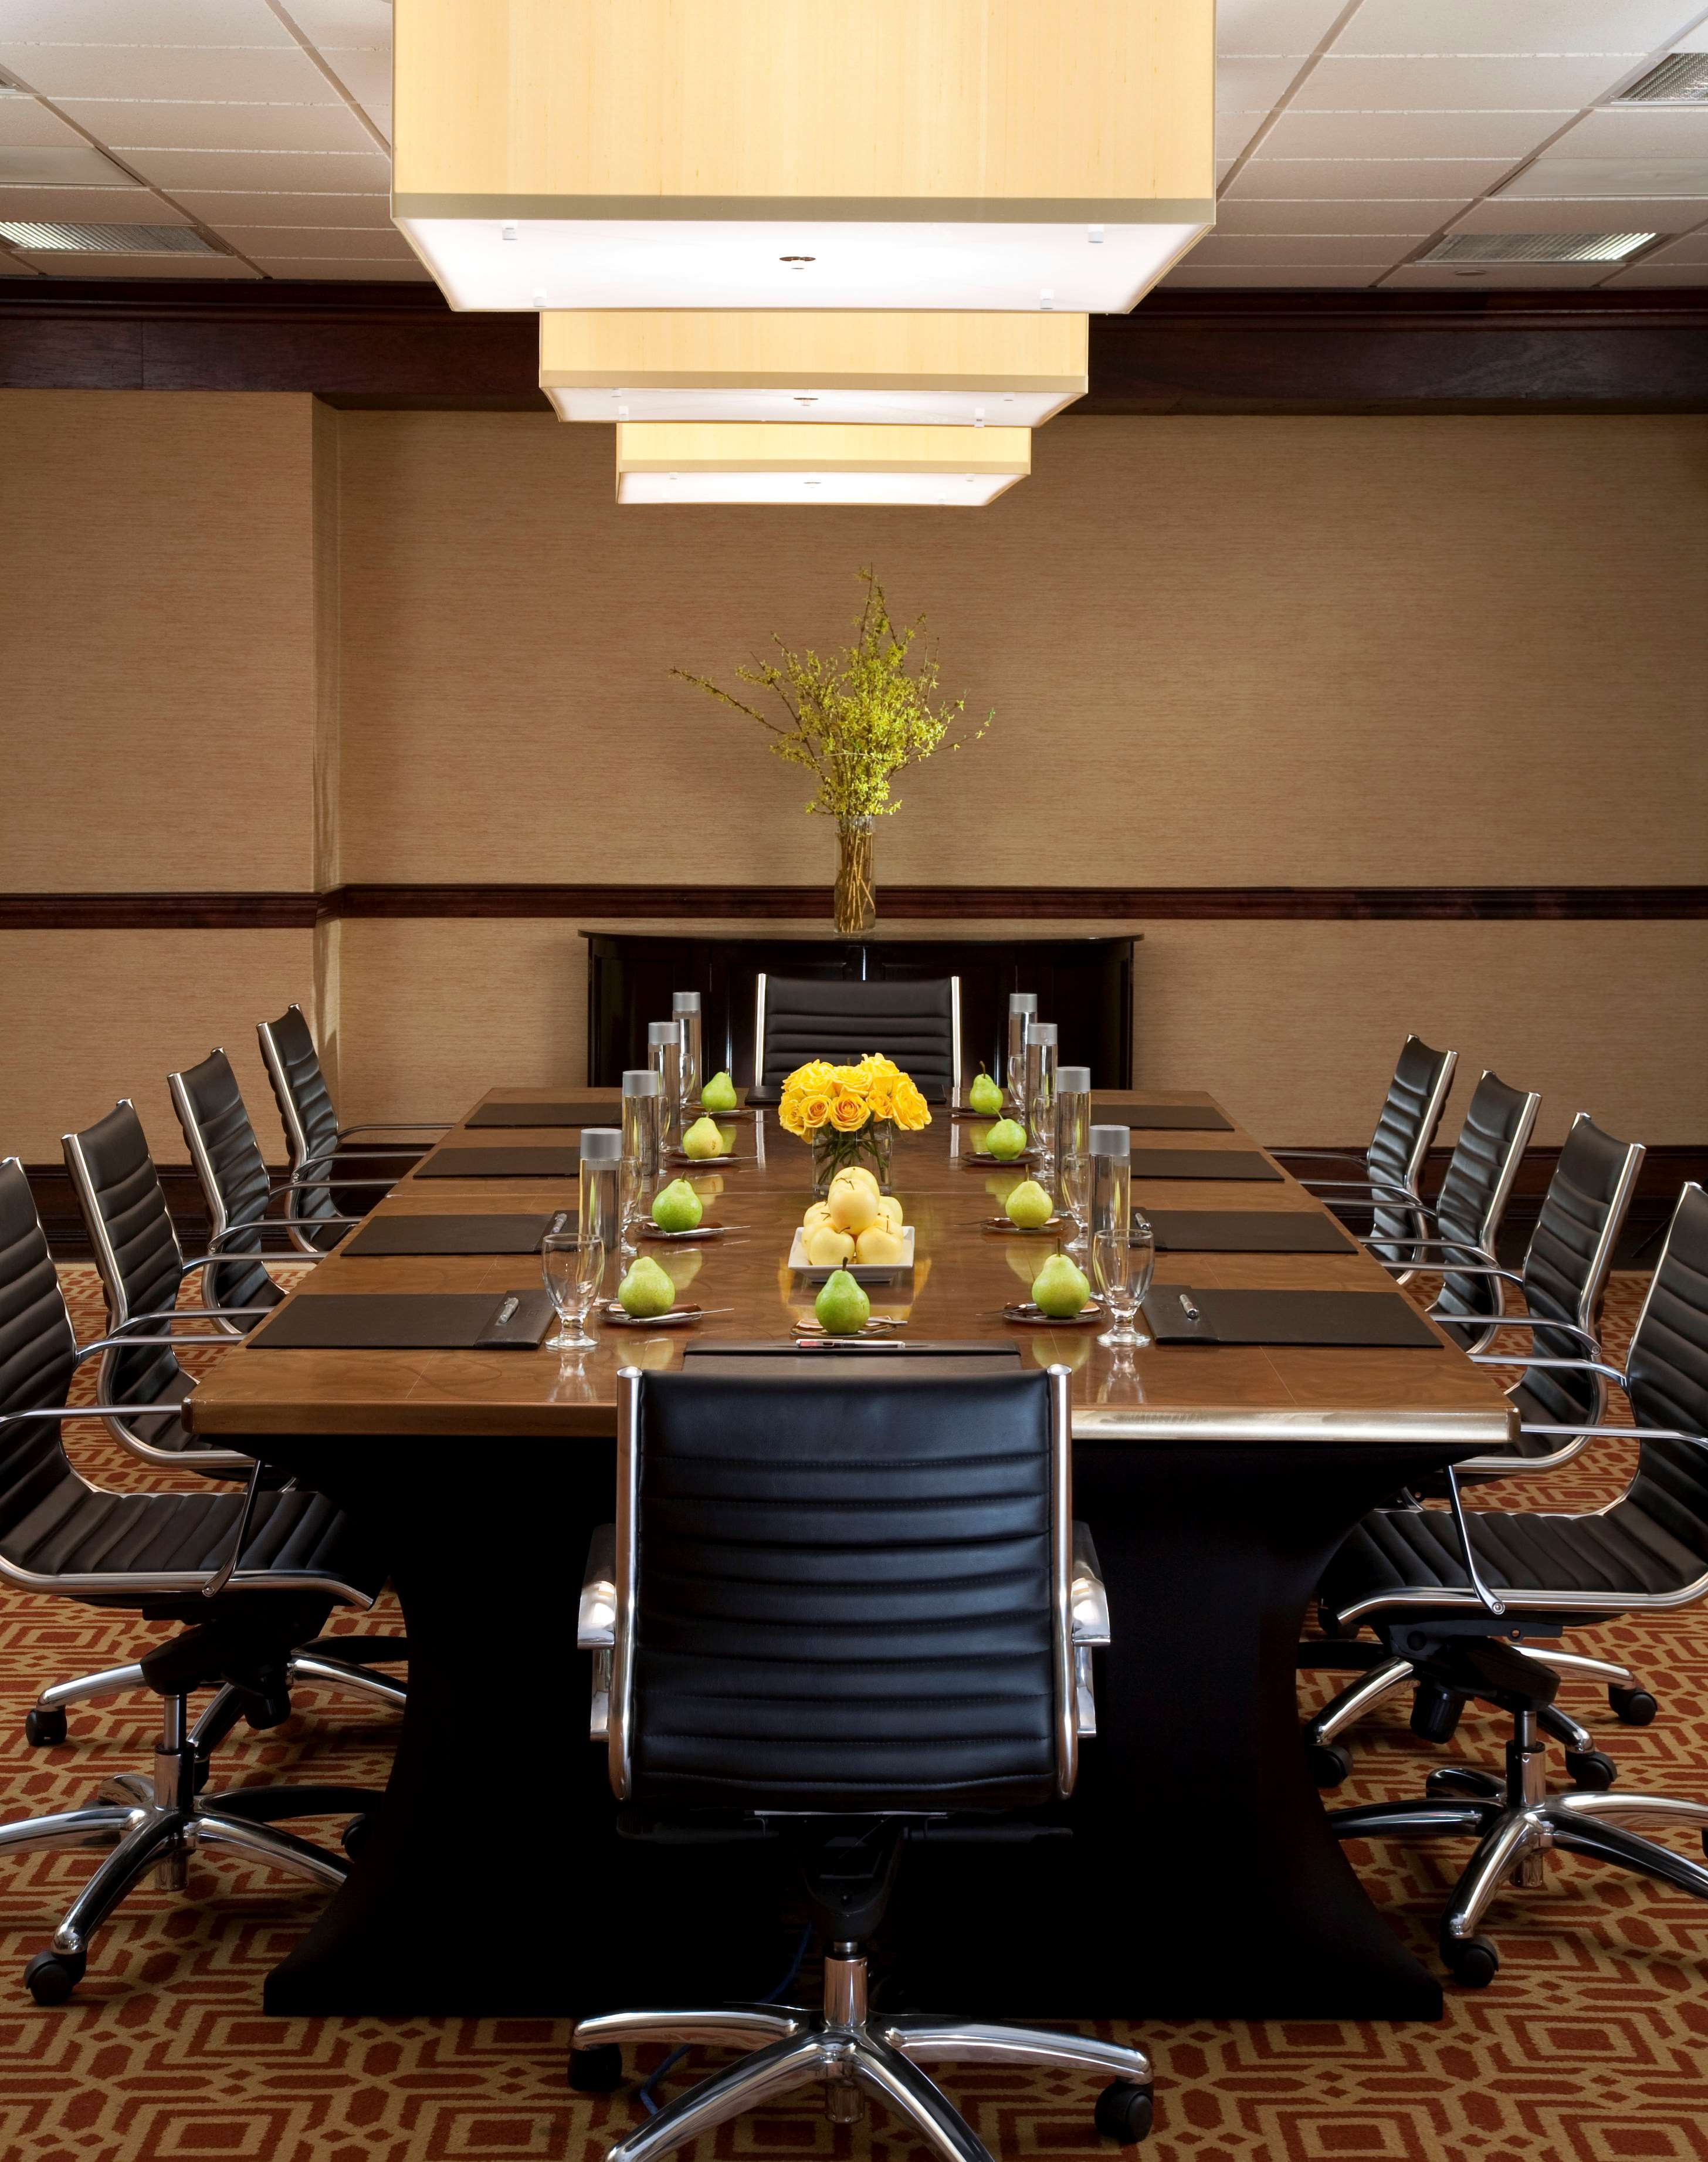 Sheraton Tucson Hotel & Suites image 12